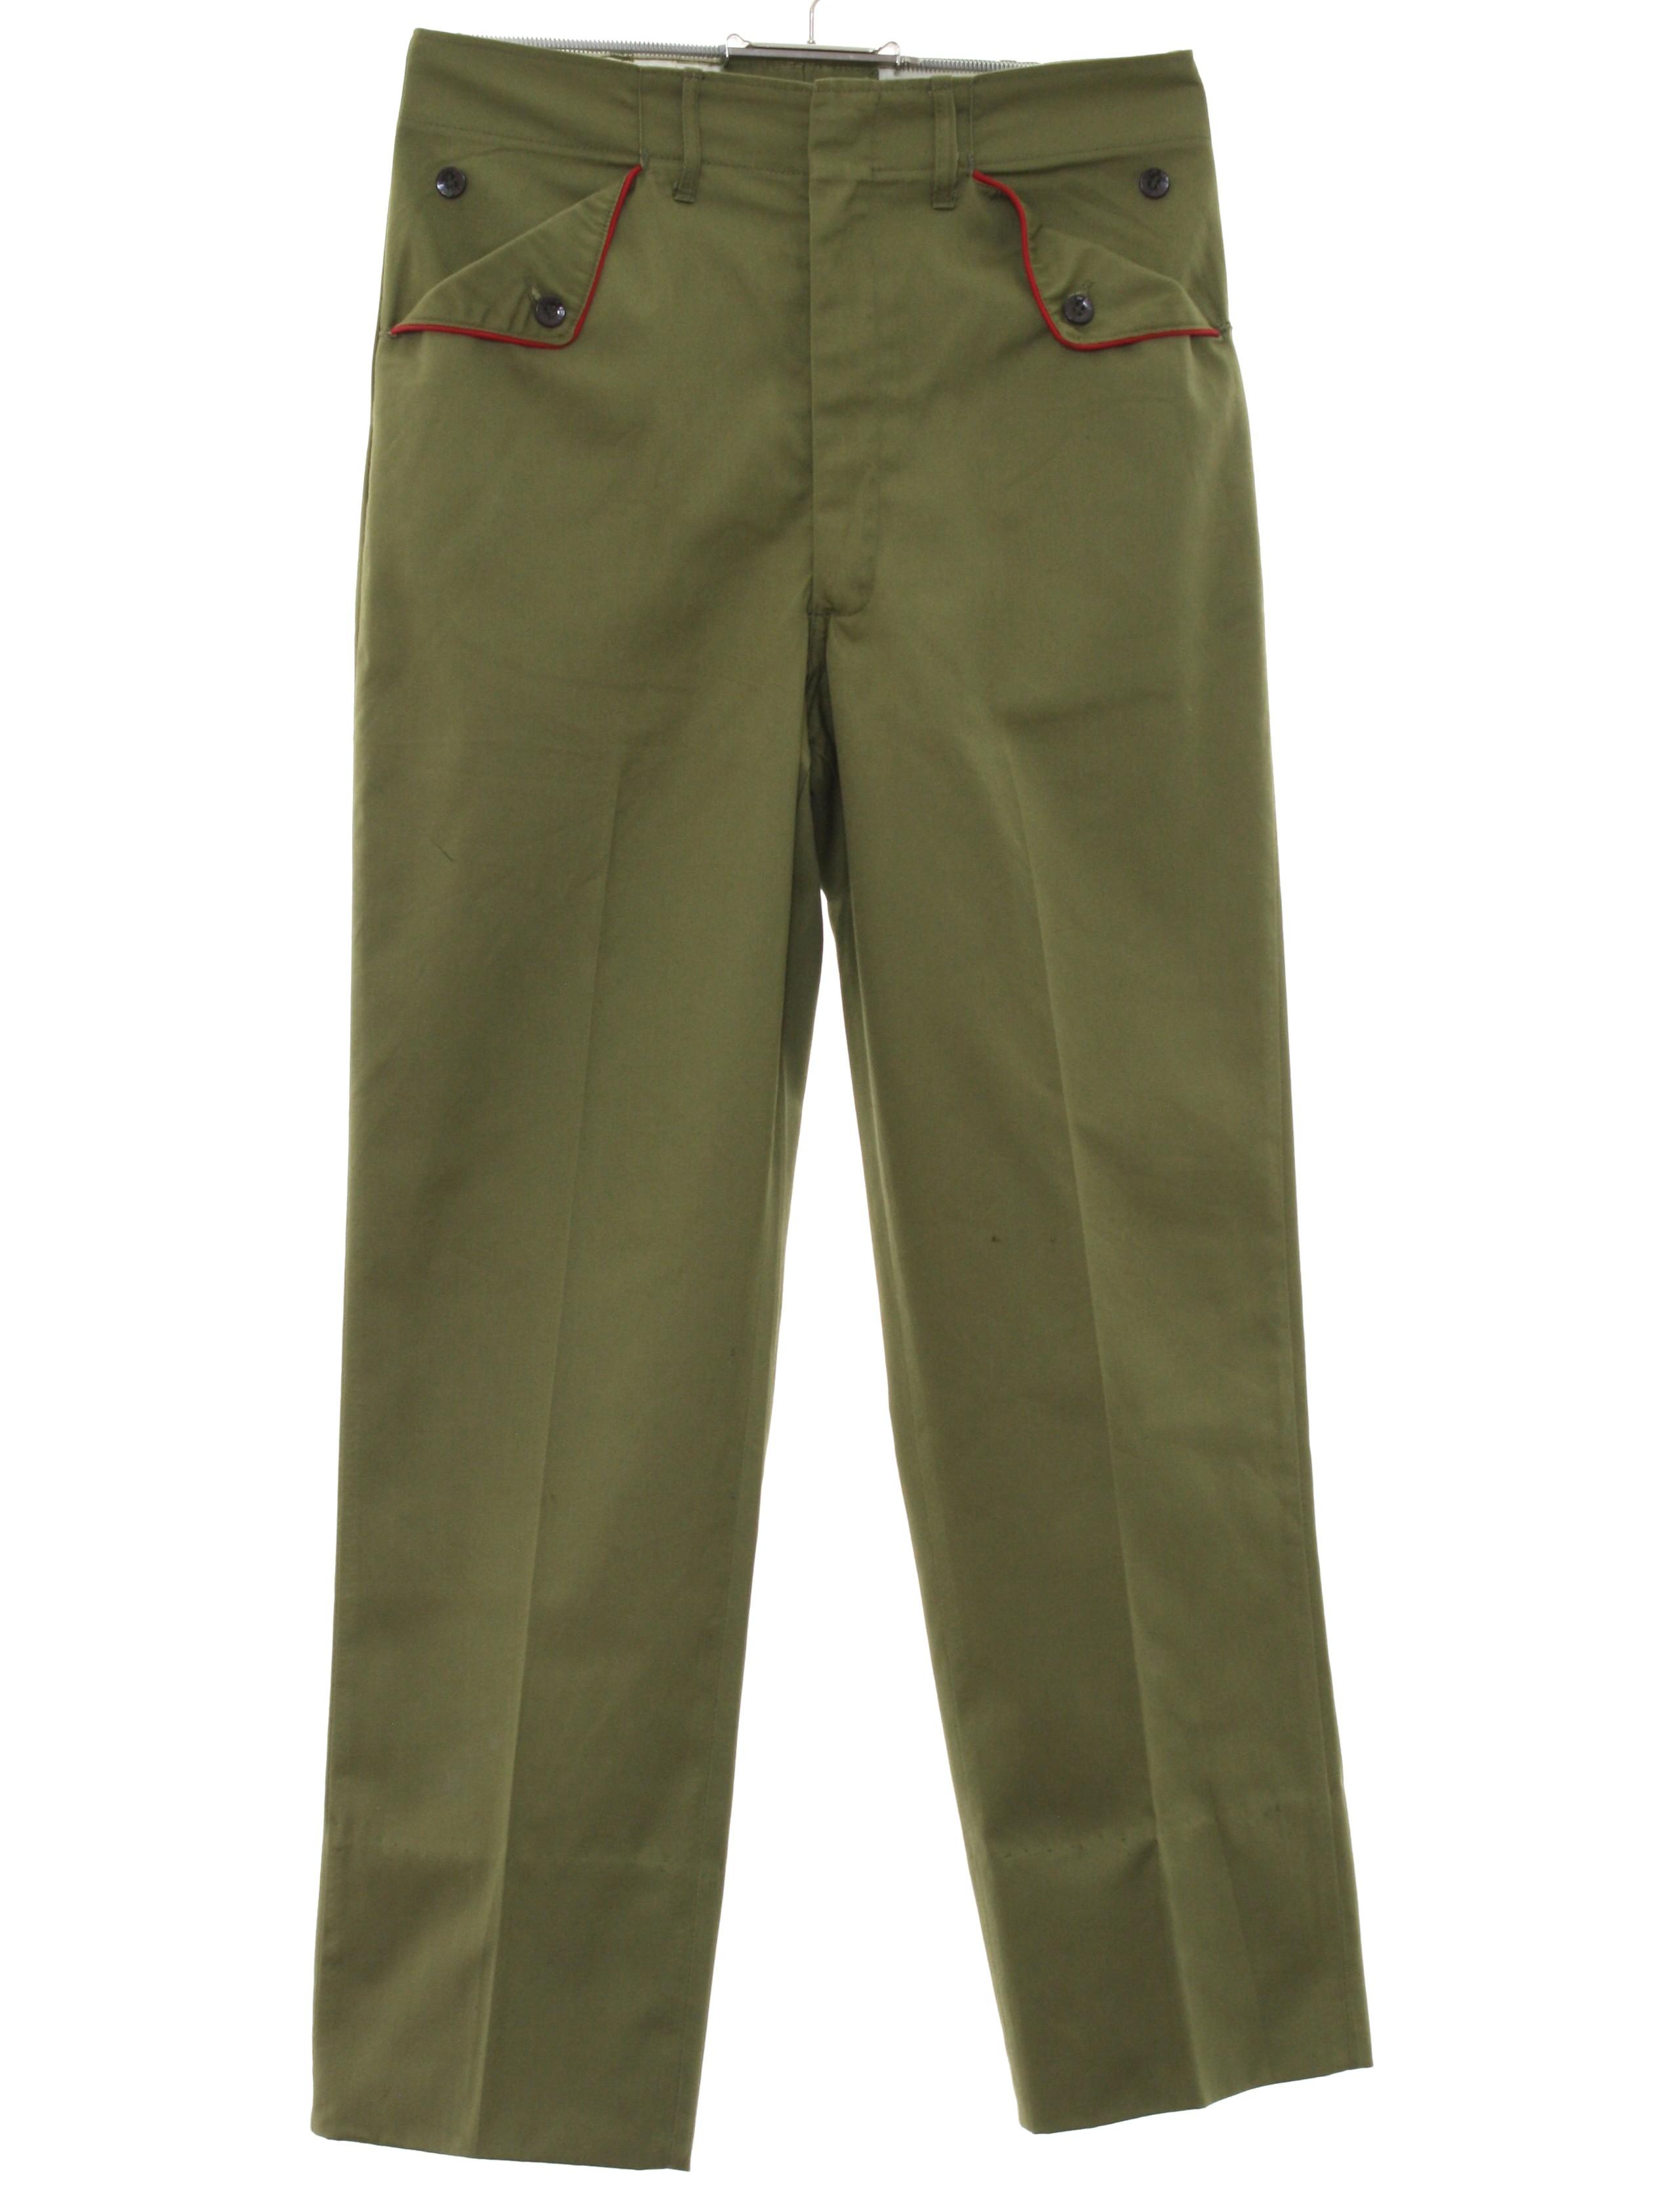 Vintage Boy Scouts Of America 1960s Pants 60s Boy Scouts